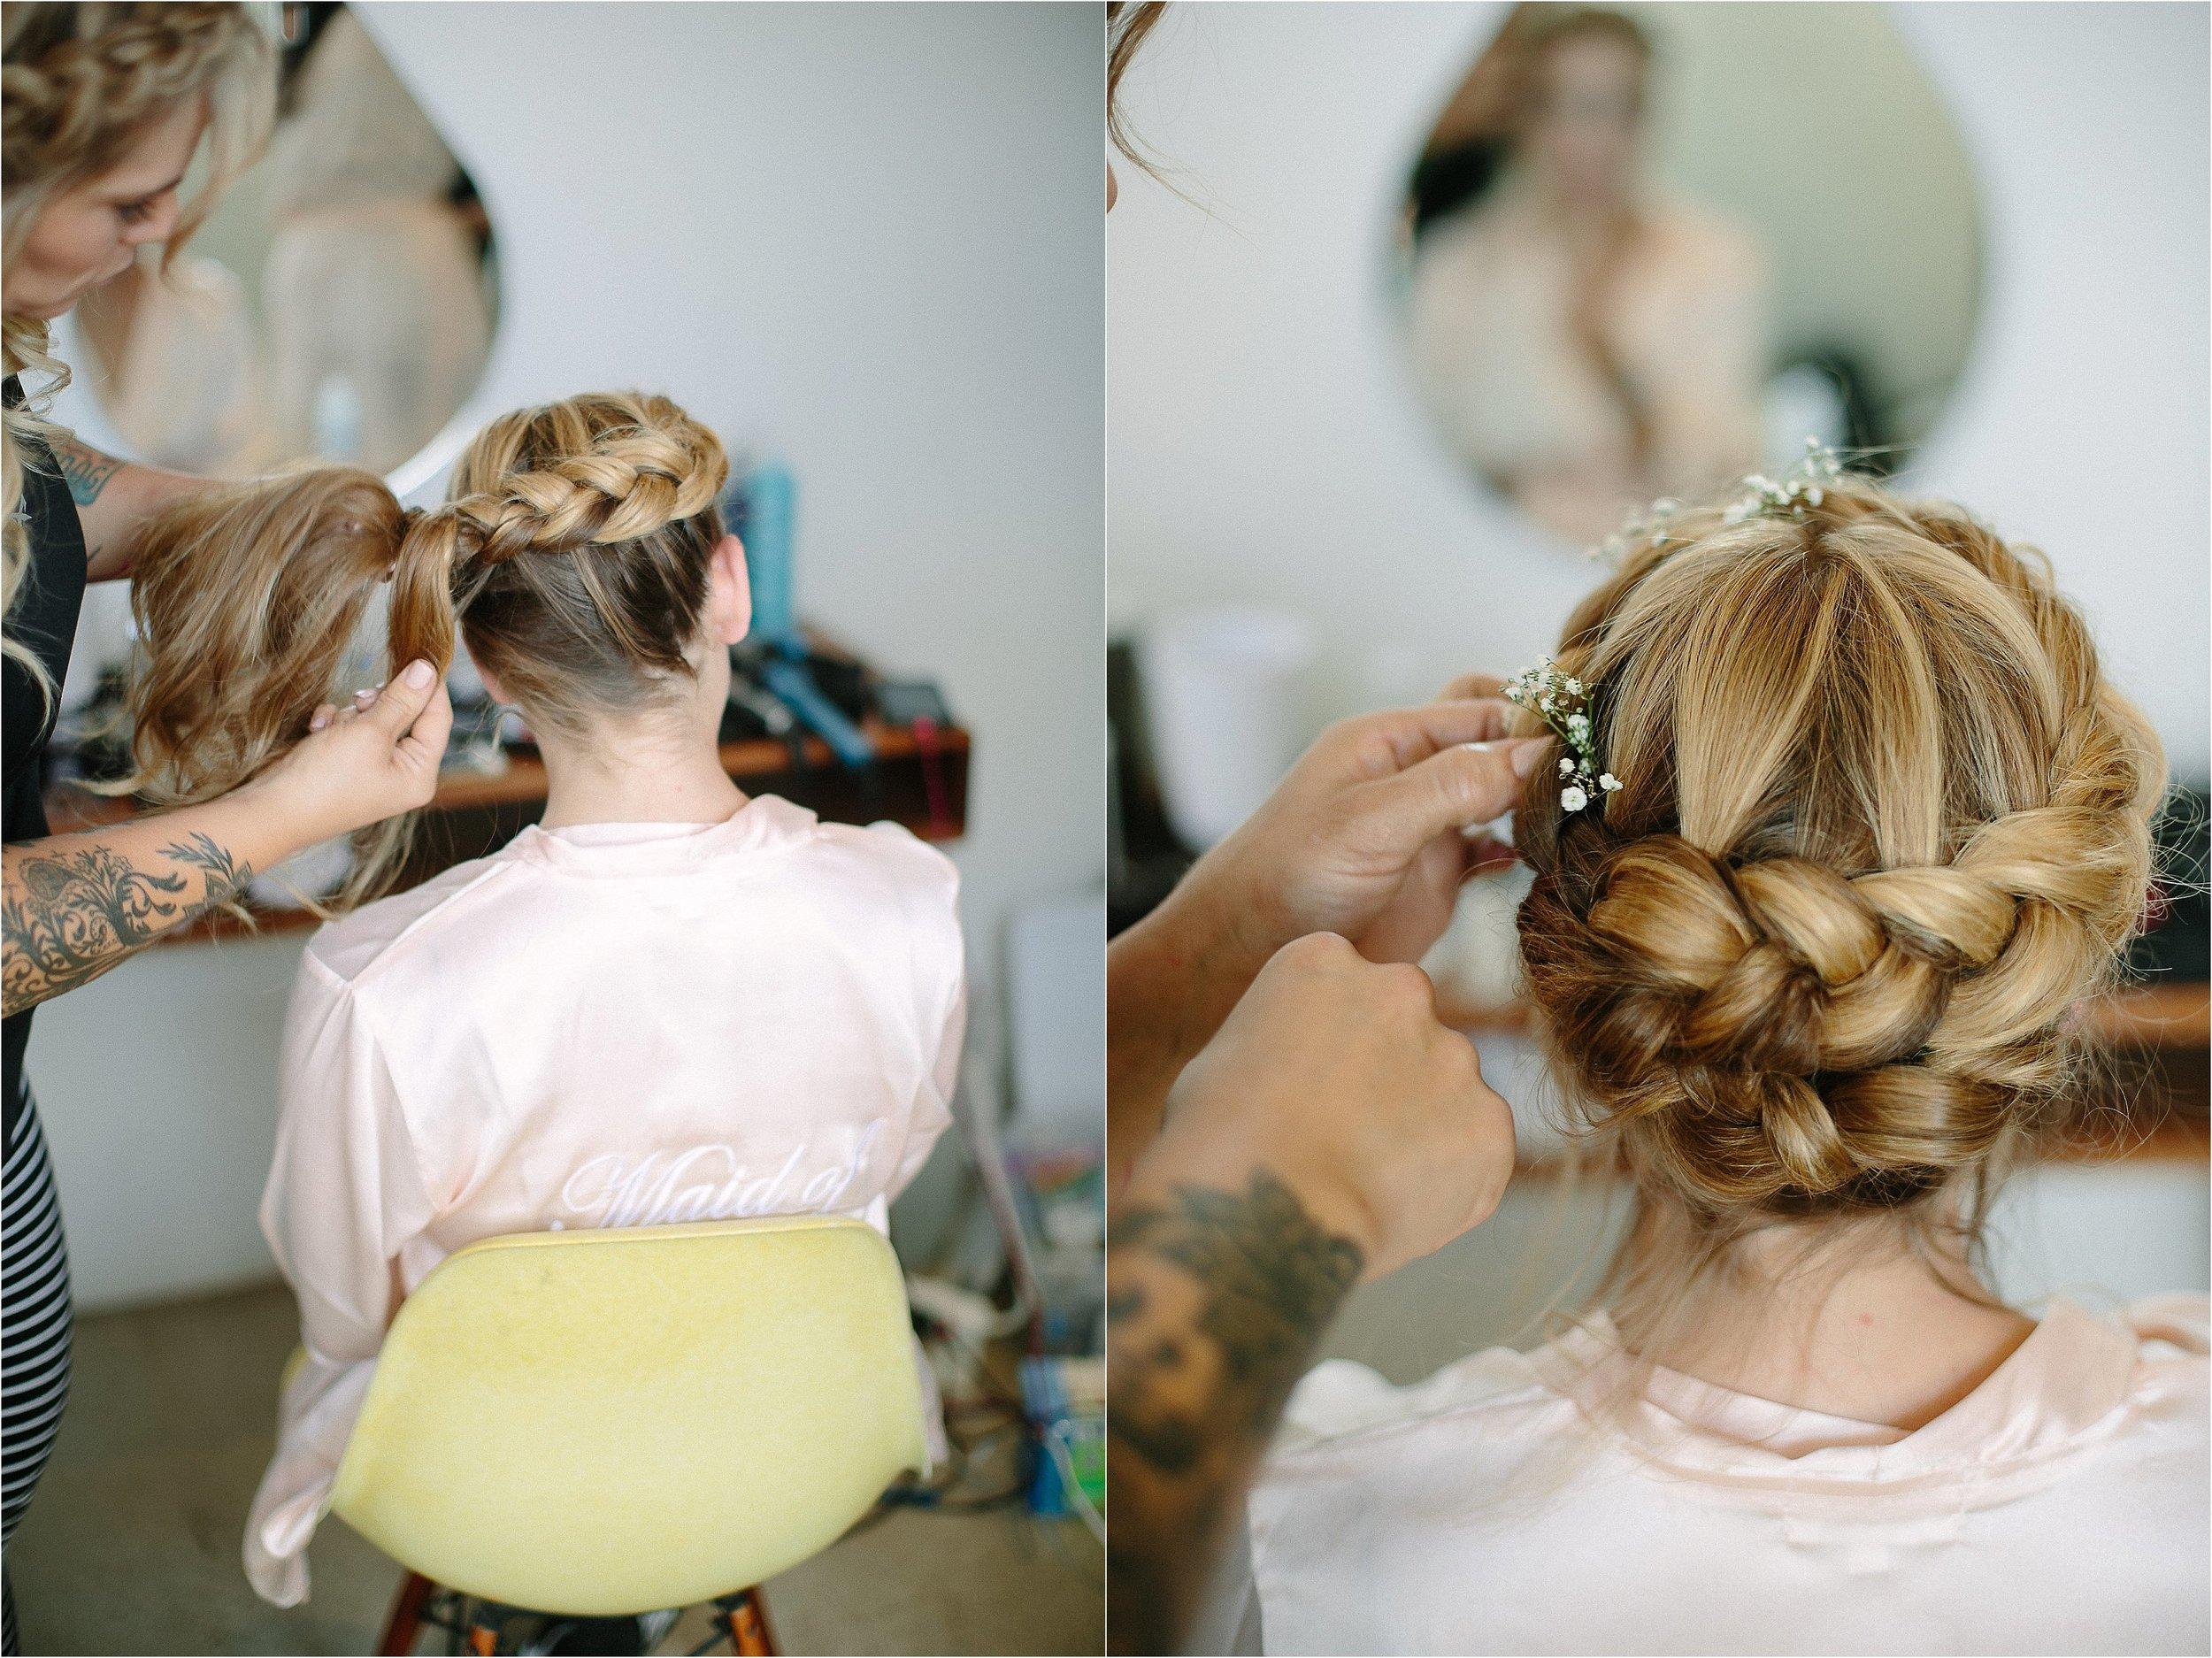 Braided Hair Detail Photo